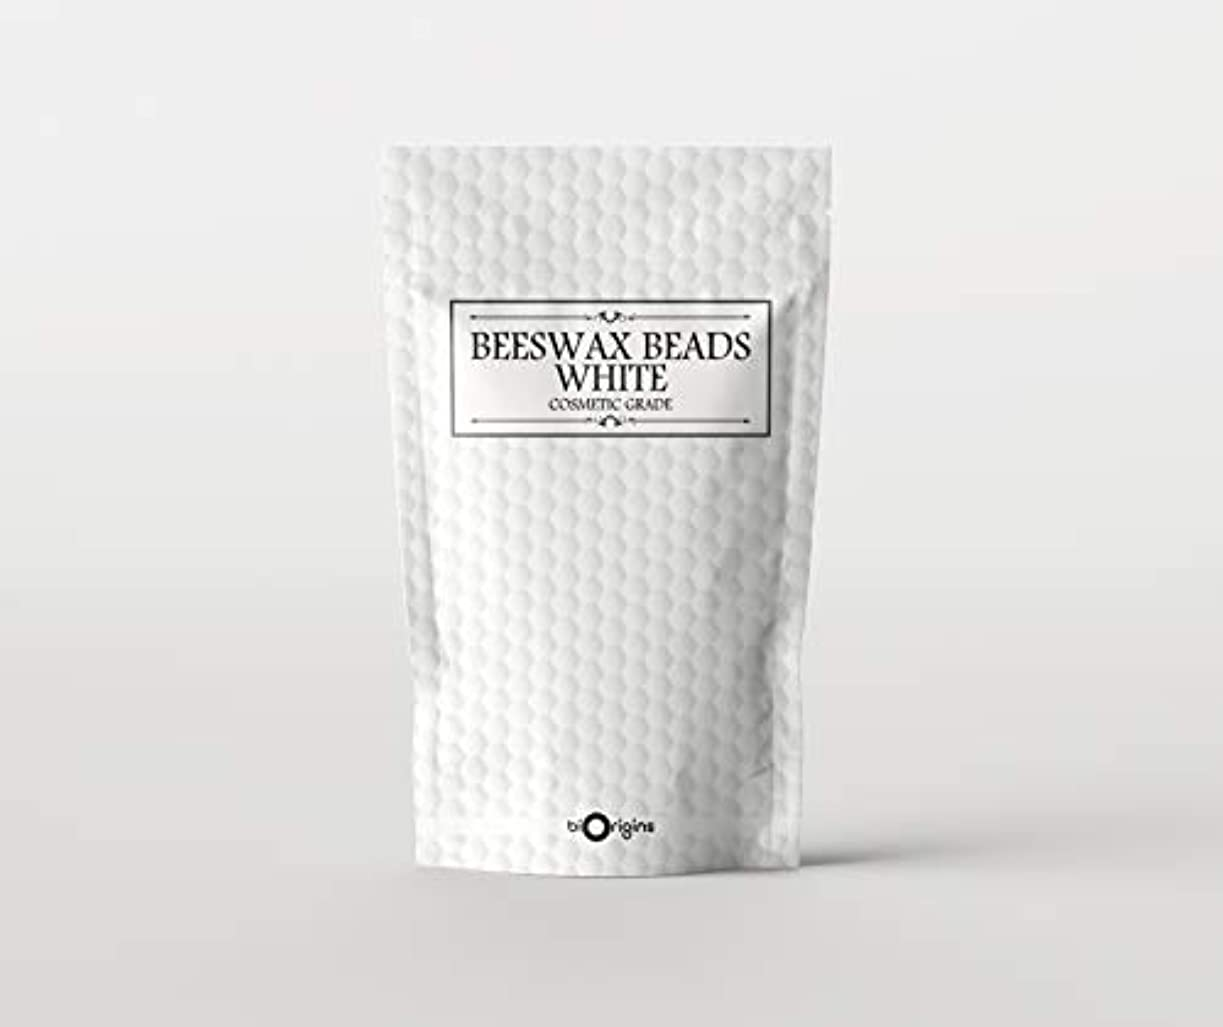 スリップシューズ大工最近Beeswax Beads White - Cosmetic Grade - 500g